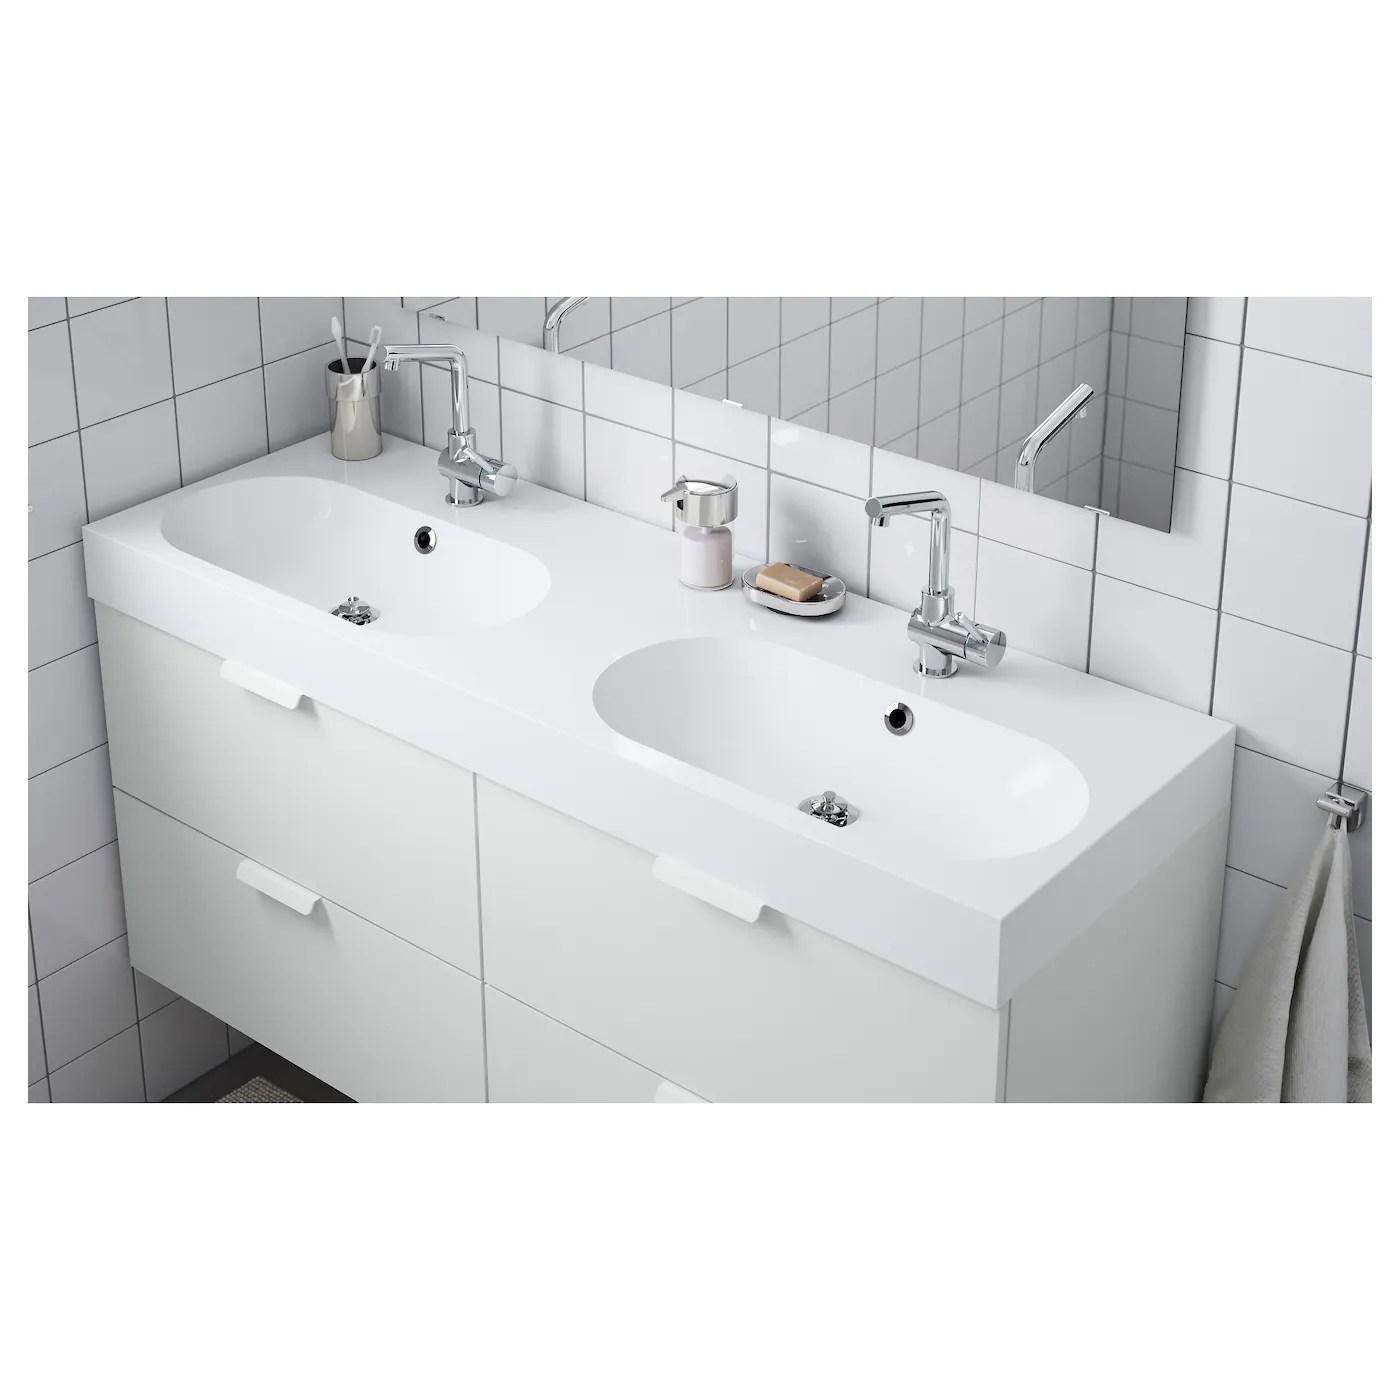 braviken double bowl sink white 55 1 8x18 7 8x3 7 8